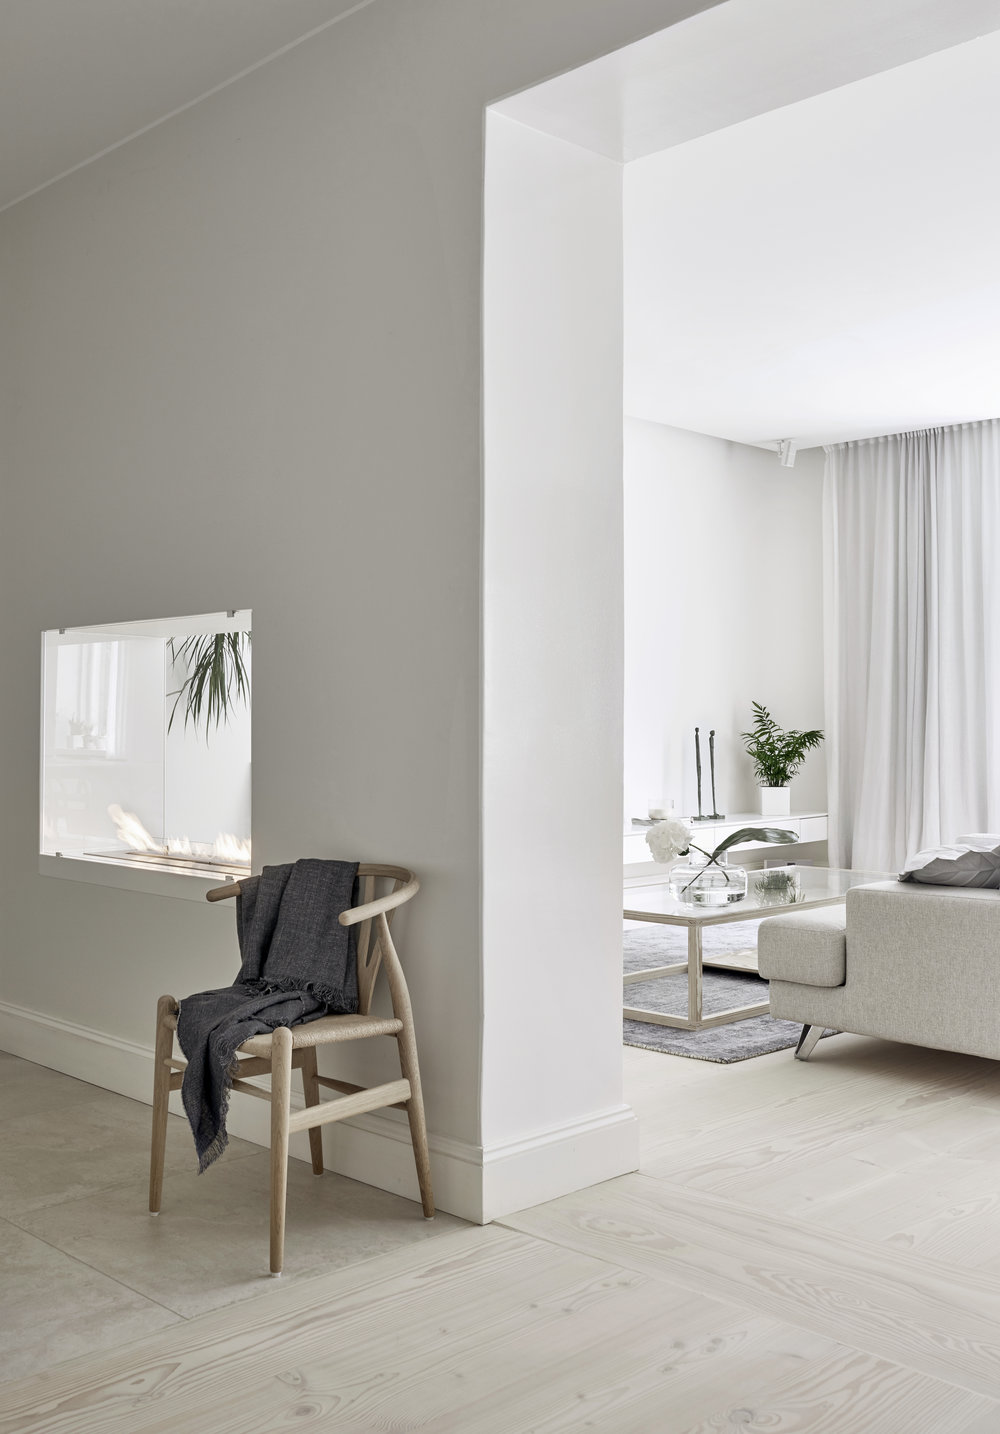 ... A bright white Finnish Home - via Coco Lapine Design blog ...